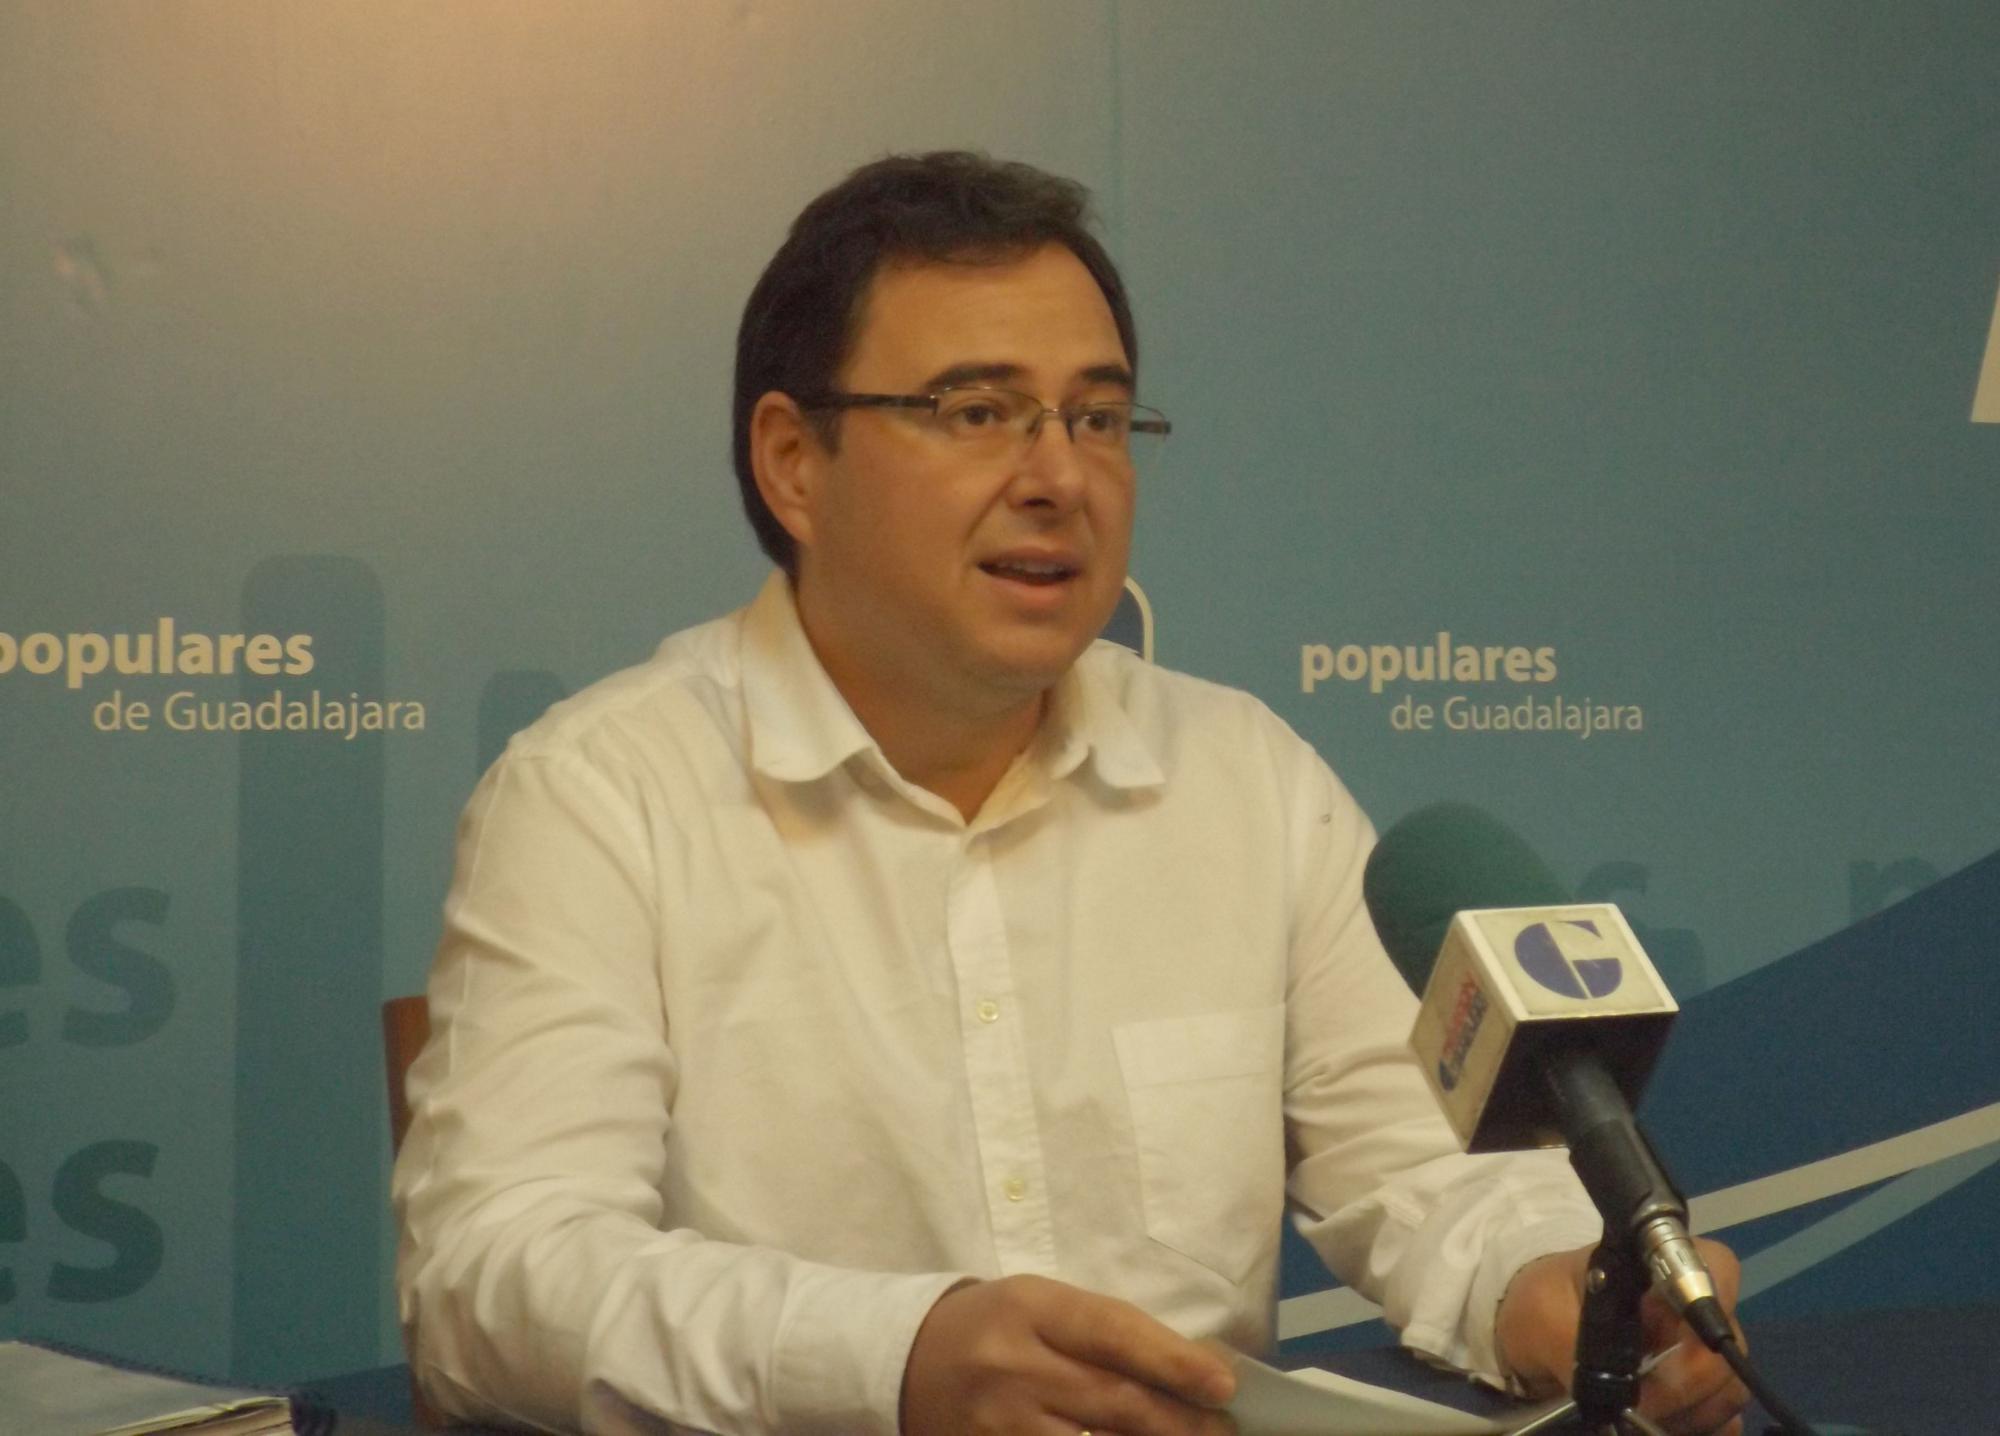 """Lapeña: """"Mientras los gobiernos del Partido Popular comienzan 2015 bajando los impuestos, en Azuqueca, el gobierno de Bellido continúa asfixiando a los vecinos"""""""